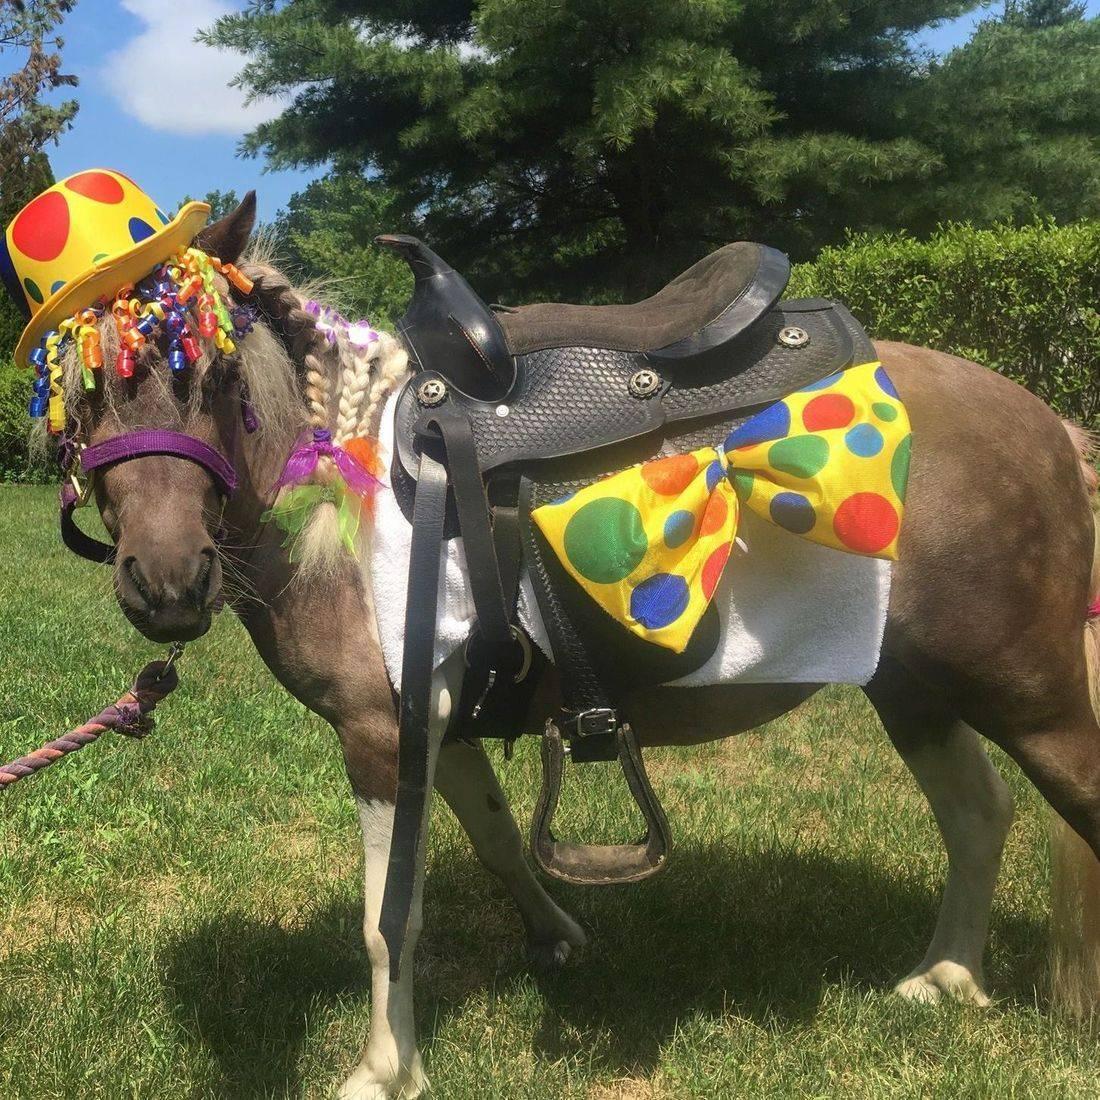 Clown pony